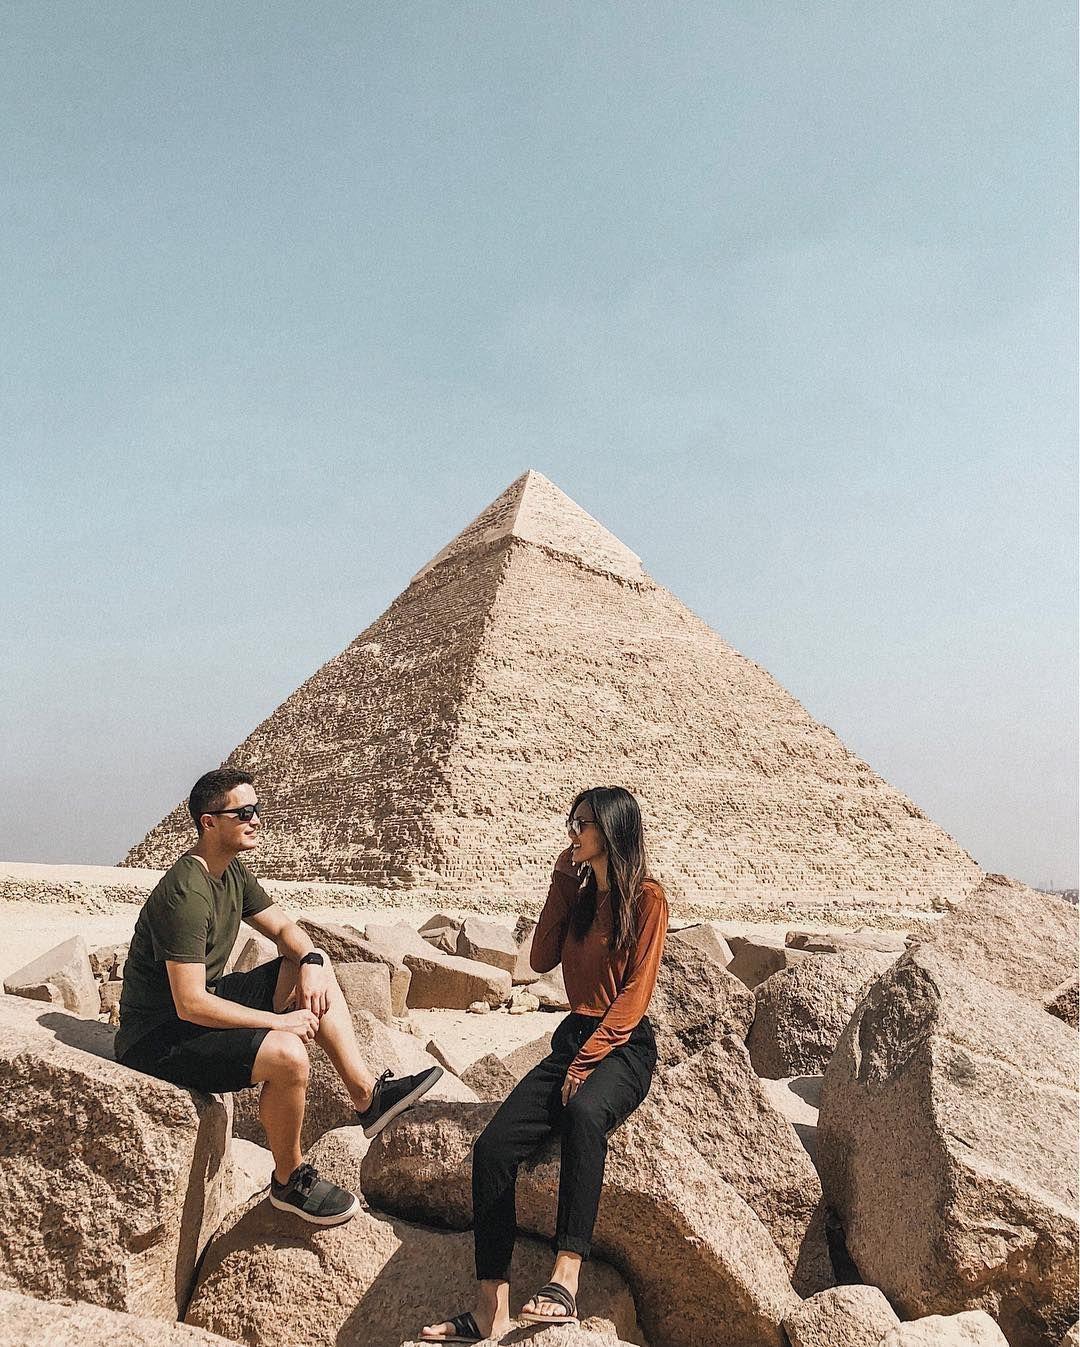 Egypt Tours 2020 2021 Special Deals Holidays Calendar 2020 2021 2022 Egypt Tours Egypt Travel Travel